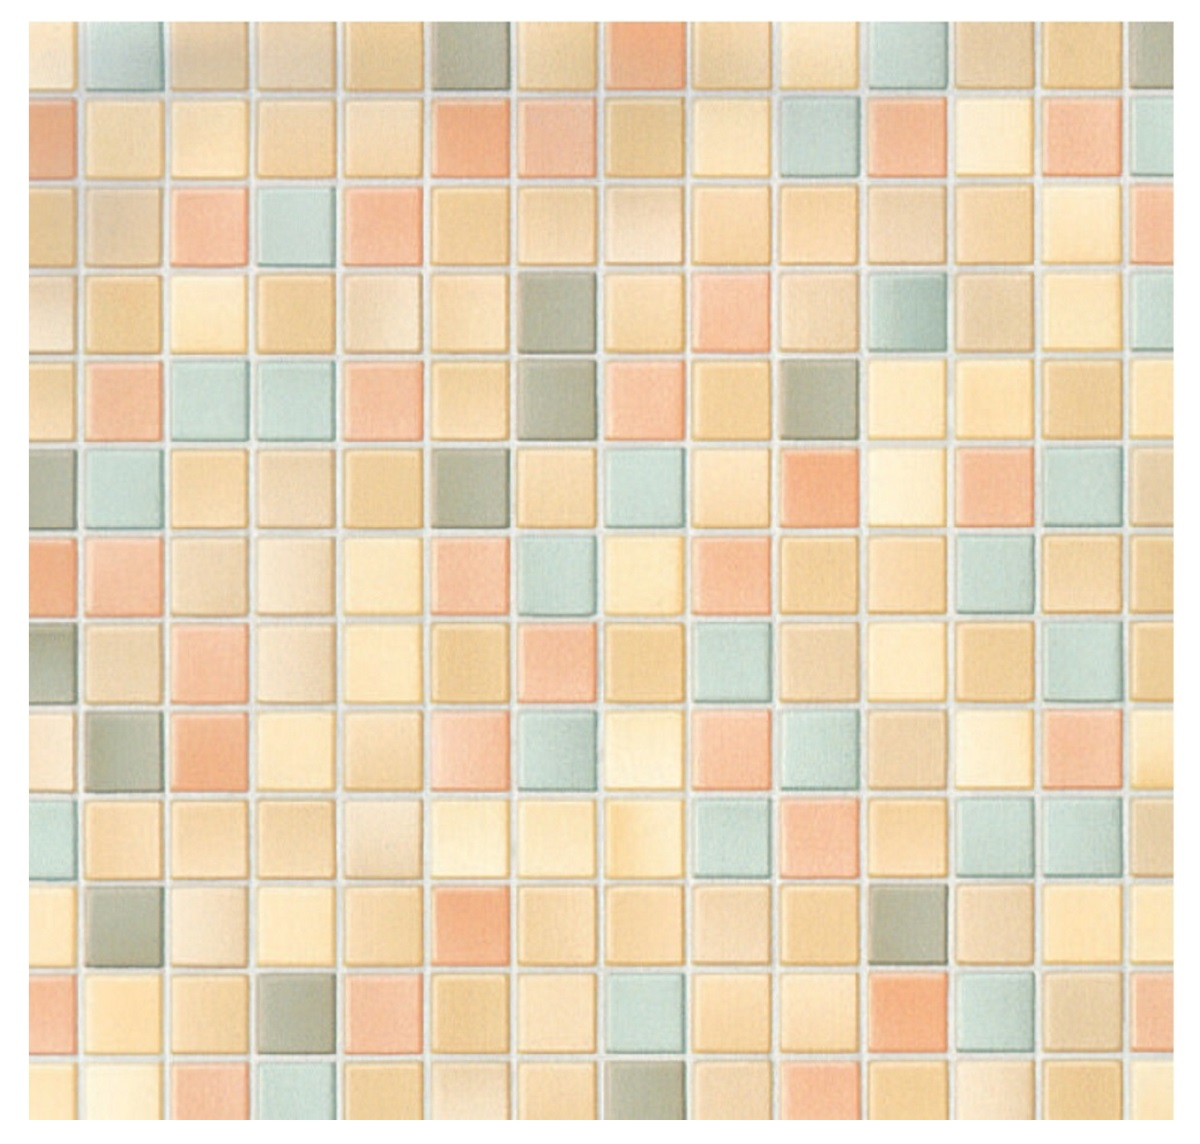 Klebefolie steinoptik mosaik pienza m belfolie 45x200 cm for Mobelfolie muster